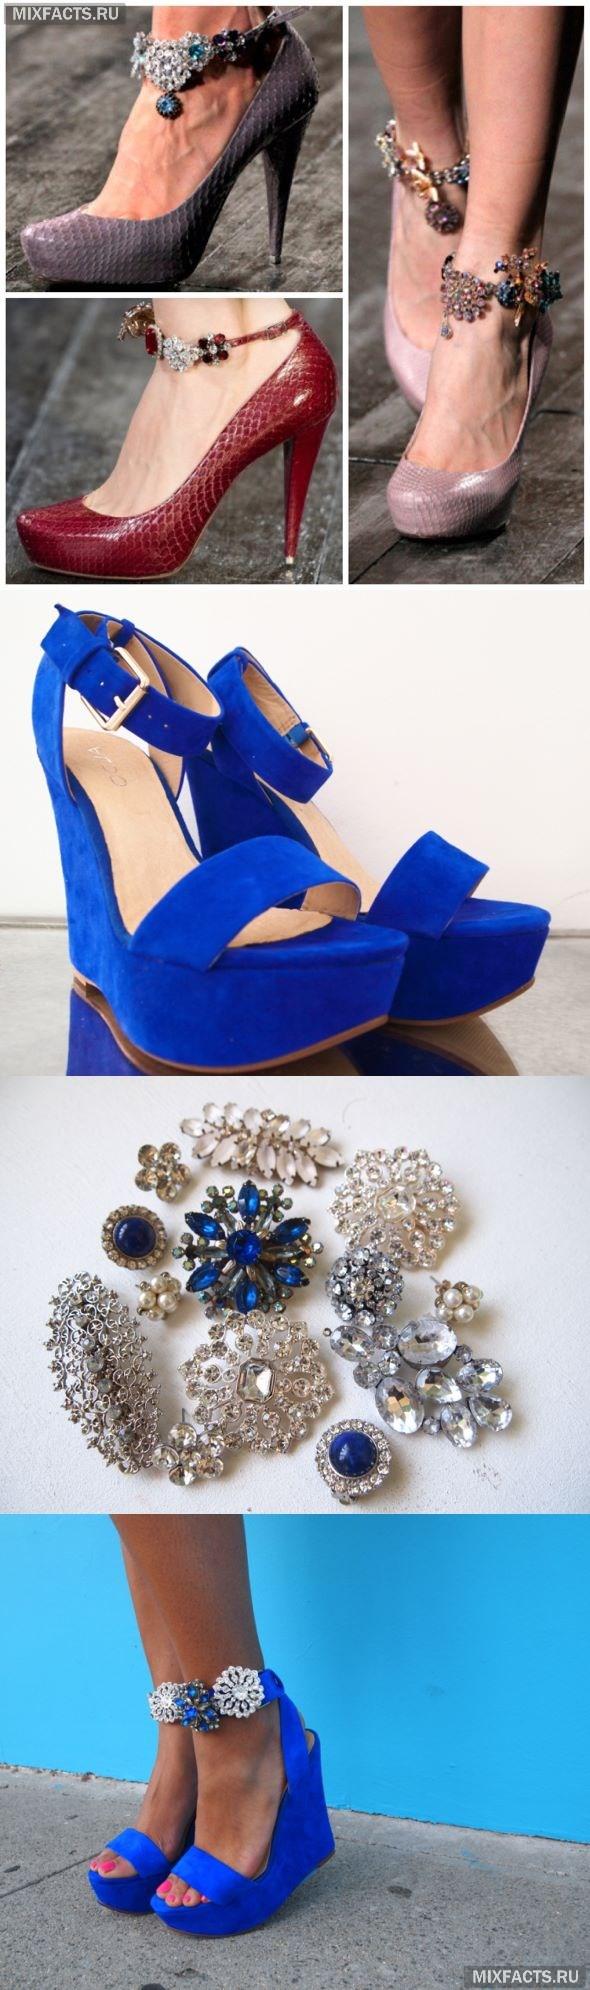 Переделка обуви своими руками / чем украсить босоножки обувь